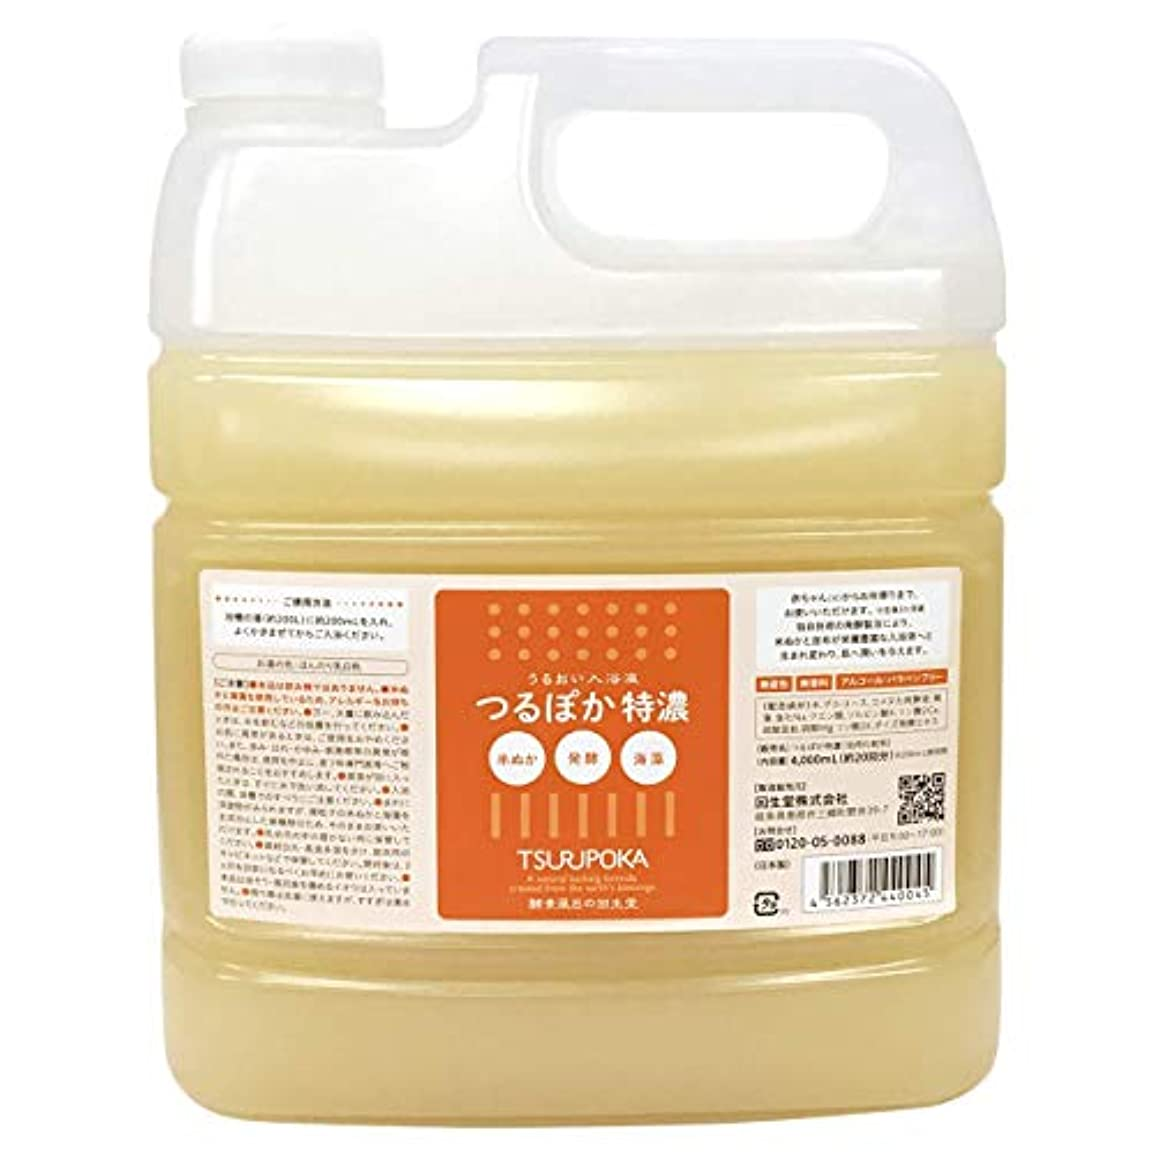 ジャベスウィルソンファンド強度「自宅で簡単酵素風呂」つるぽか特濃 国産の米ぬかと昆布を発酵させた自然派酵素入浴剤 約20回分(1回200mL使用)うるおい しっとり 保湿 冷え 発汗